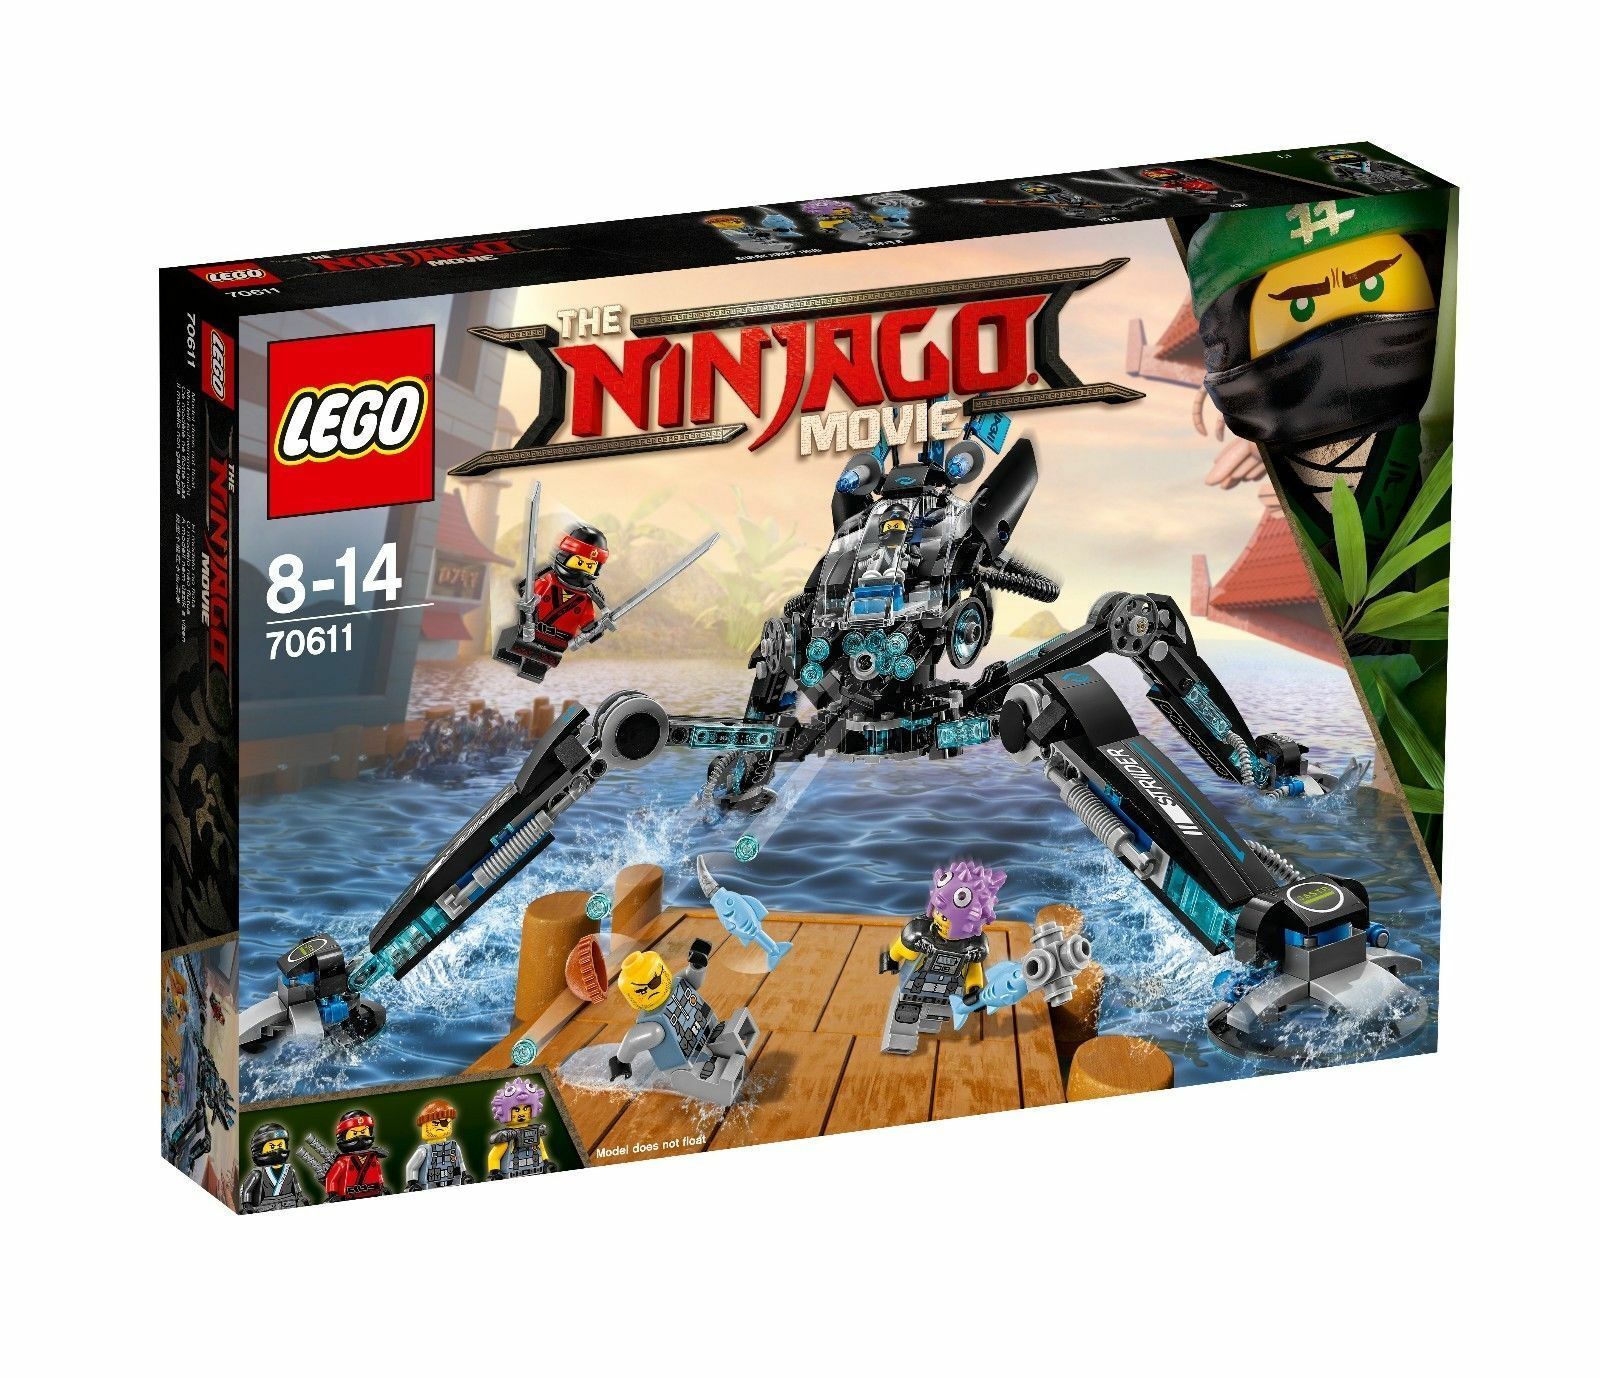 LEGO ® The Ninjago Ninjago Ninjago Movie 70611 ña 's eau-Walker Nouveau Neuf dans sa boîte dca7e8